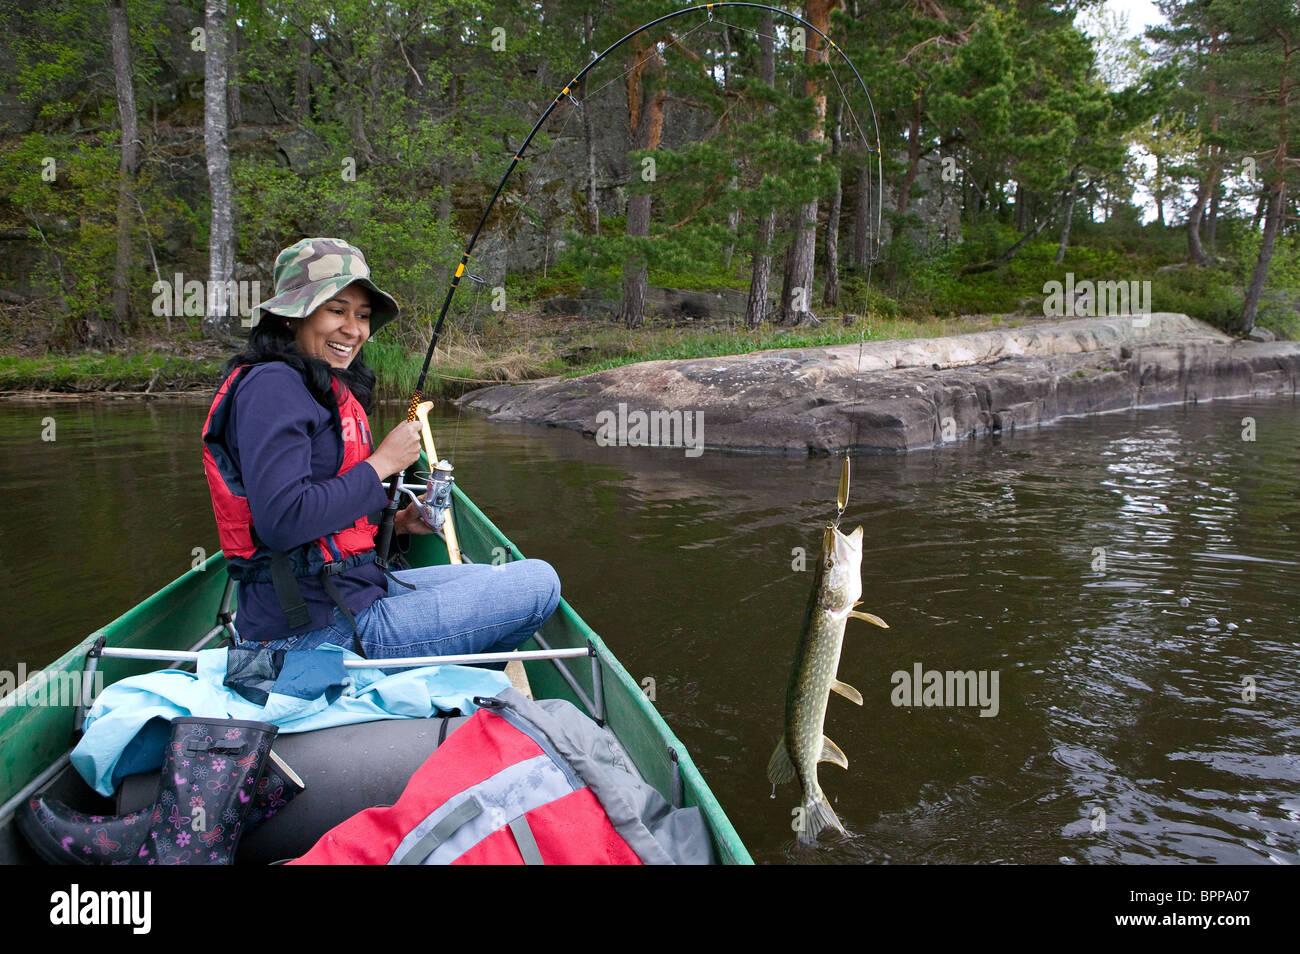 Ragazza la manipolazione di un luccio del nord, Esox lucius, catturati nel lago Vansjø, Østfold fylke, Immagini Stock